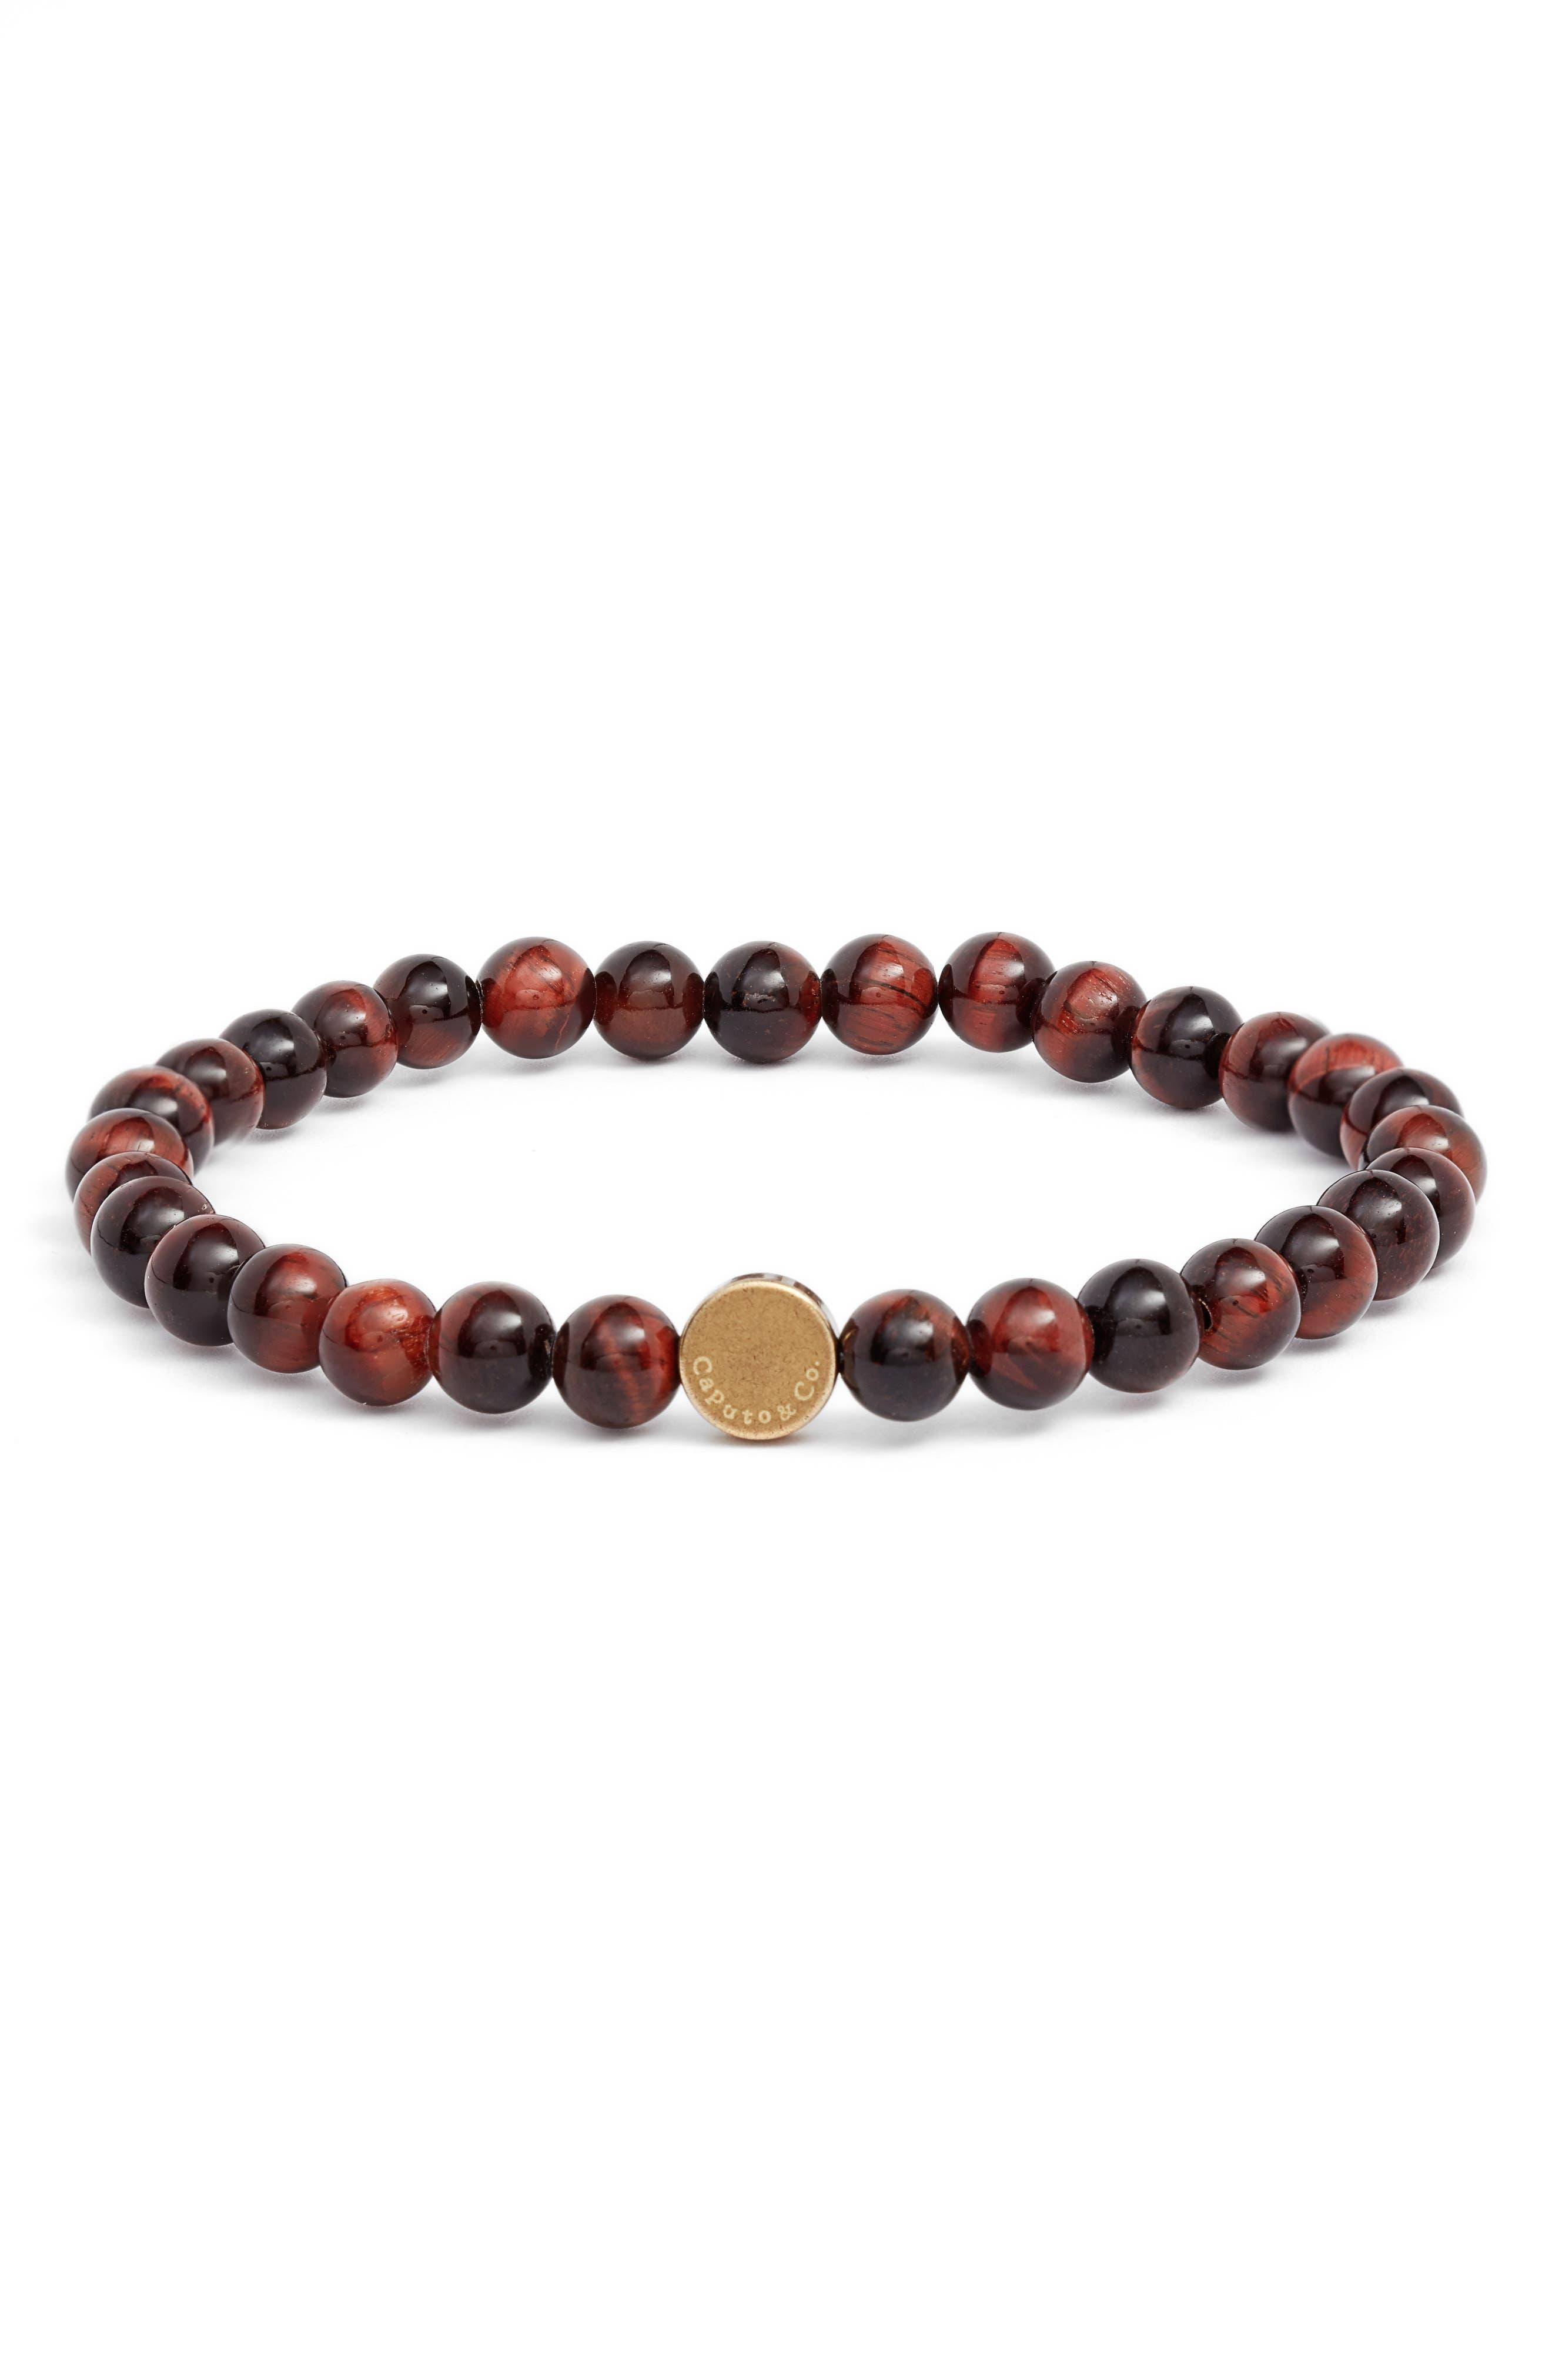 CAPUTO & CO. Stone Bead Bracelet in Brown